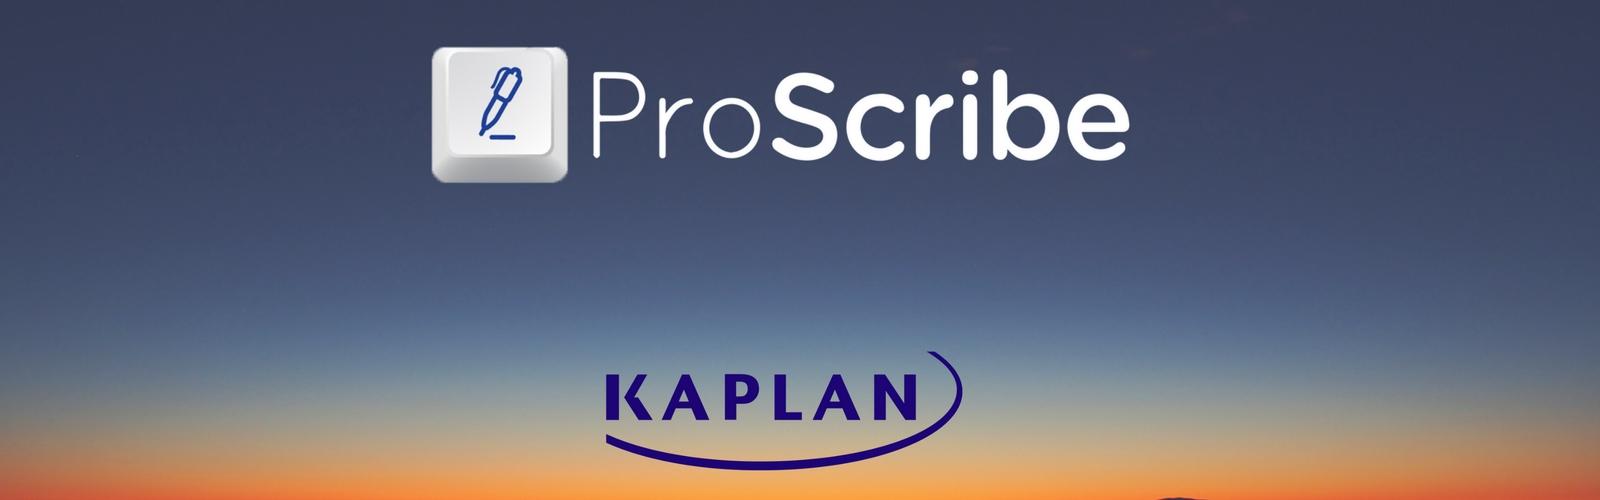 Our Kaplan Scholarship Winner